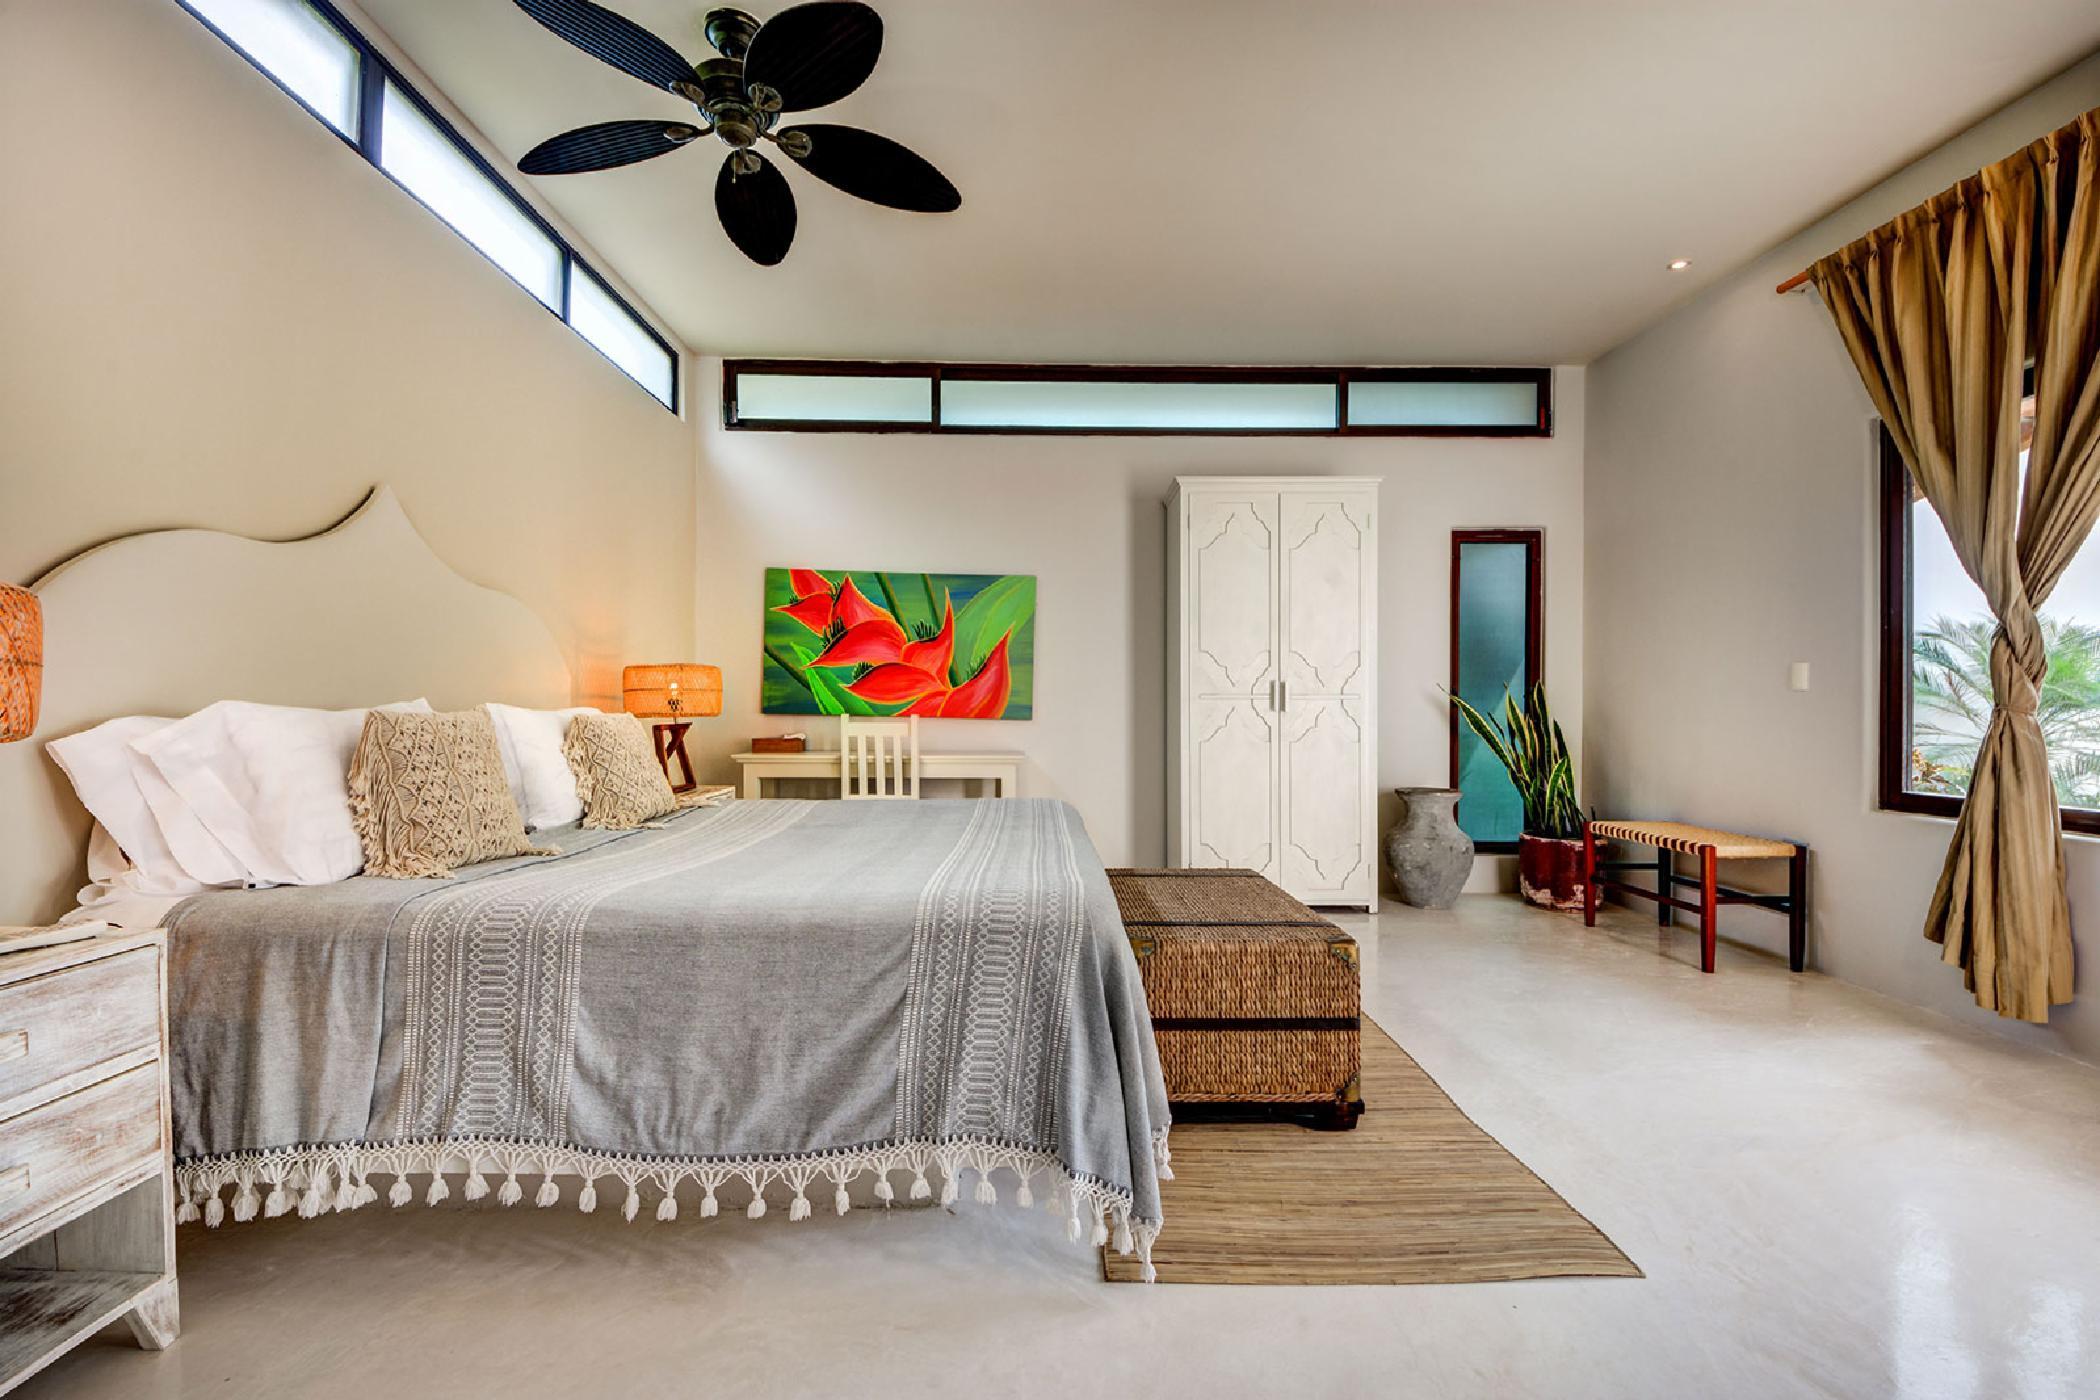 Maya_Luxe_Riviera_Maya_Luxury_Villas_Experiences_Tulum_Beach_5_Bedrooms_Villa_Miramar_22.jpg